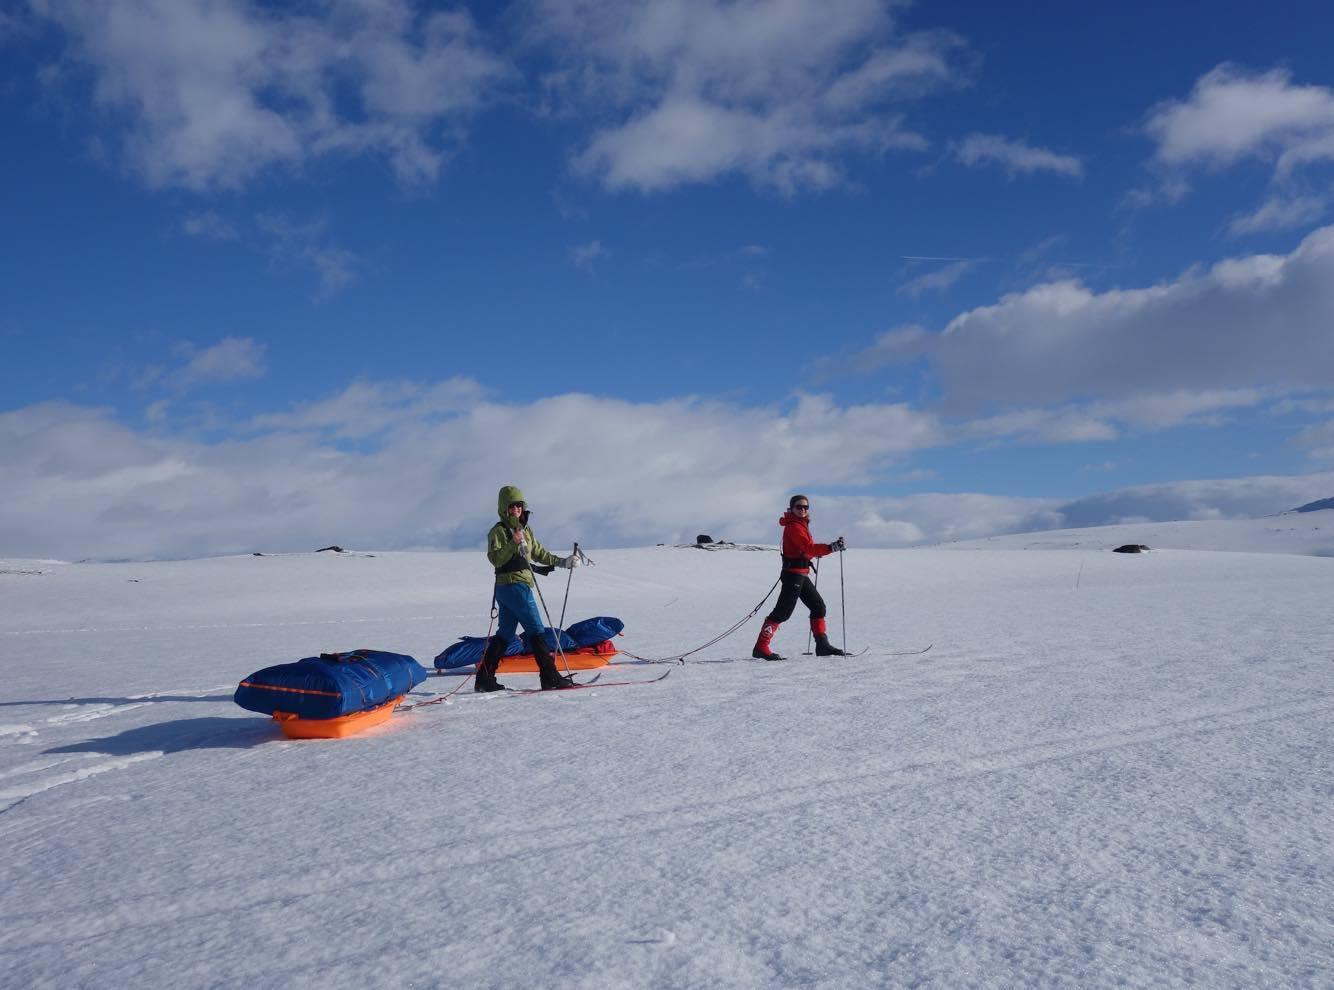 Perfekte forhold! Pulken ligger godt på snøen, og med taudrag drar du bare pulk på hvert andre, kanskje tredje stavtak. Foto: Iselin Spernes.